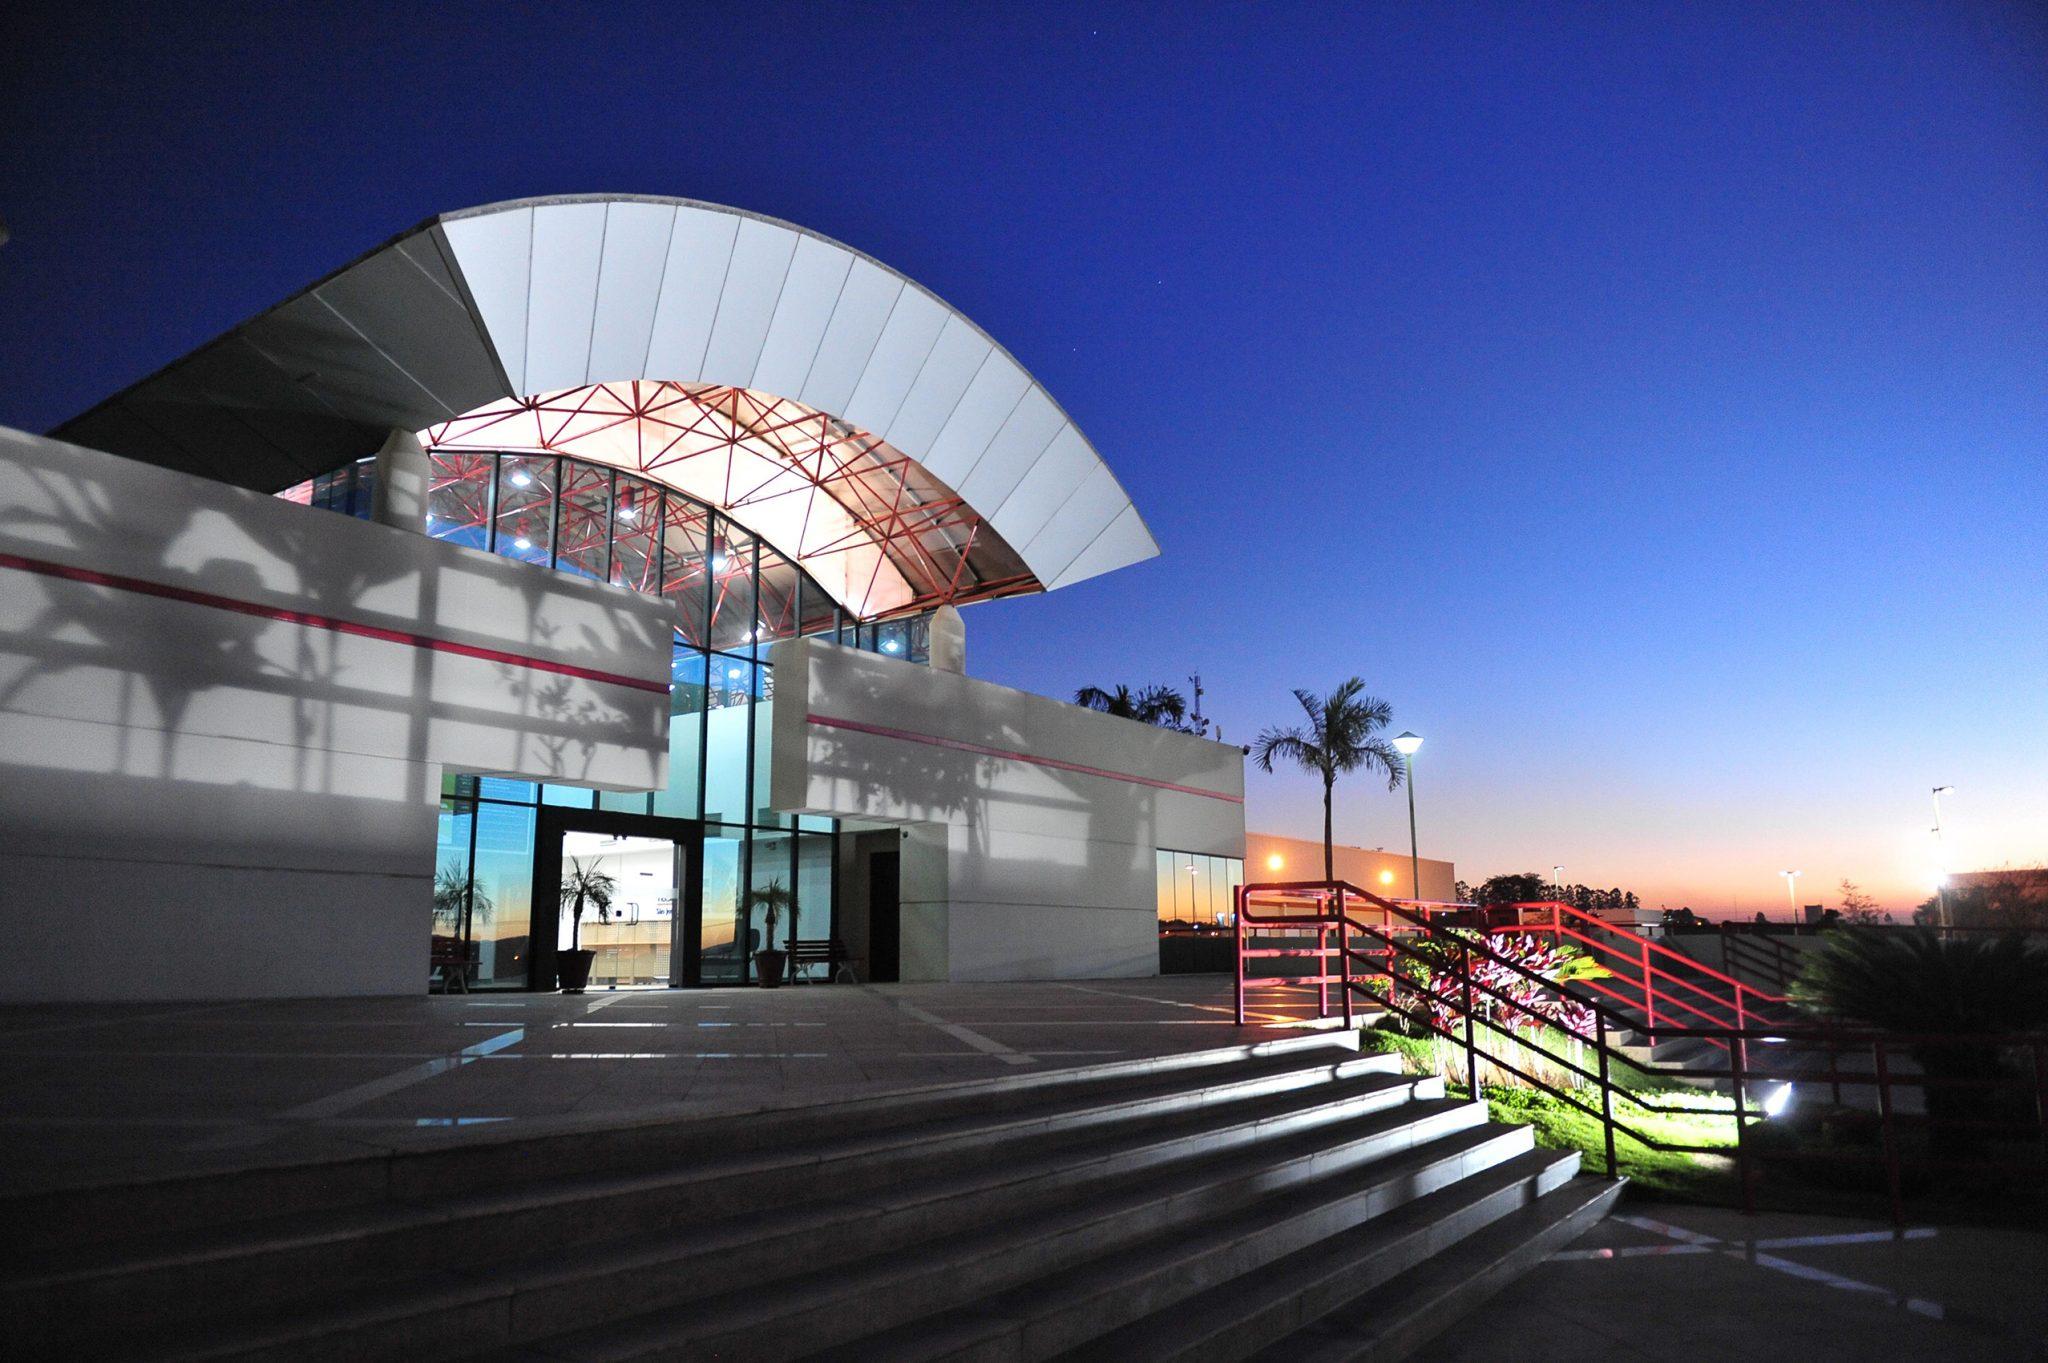 Sao Jose Dos Campos Technology Park